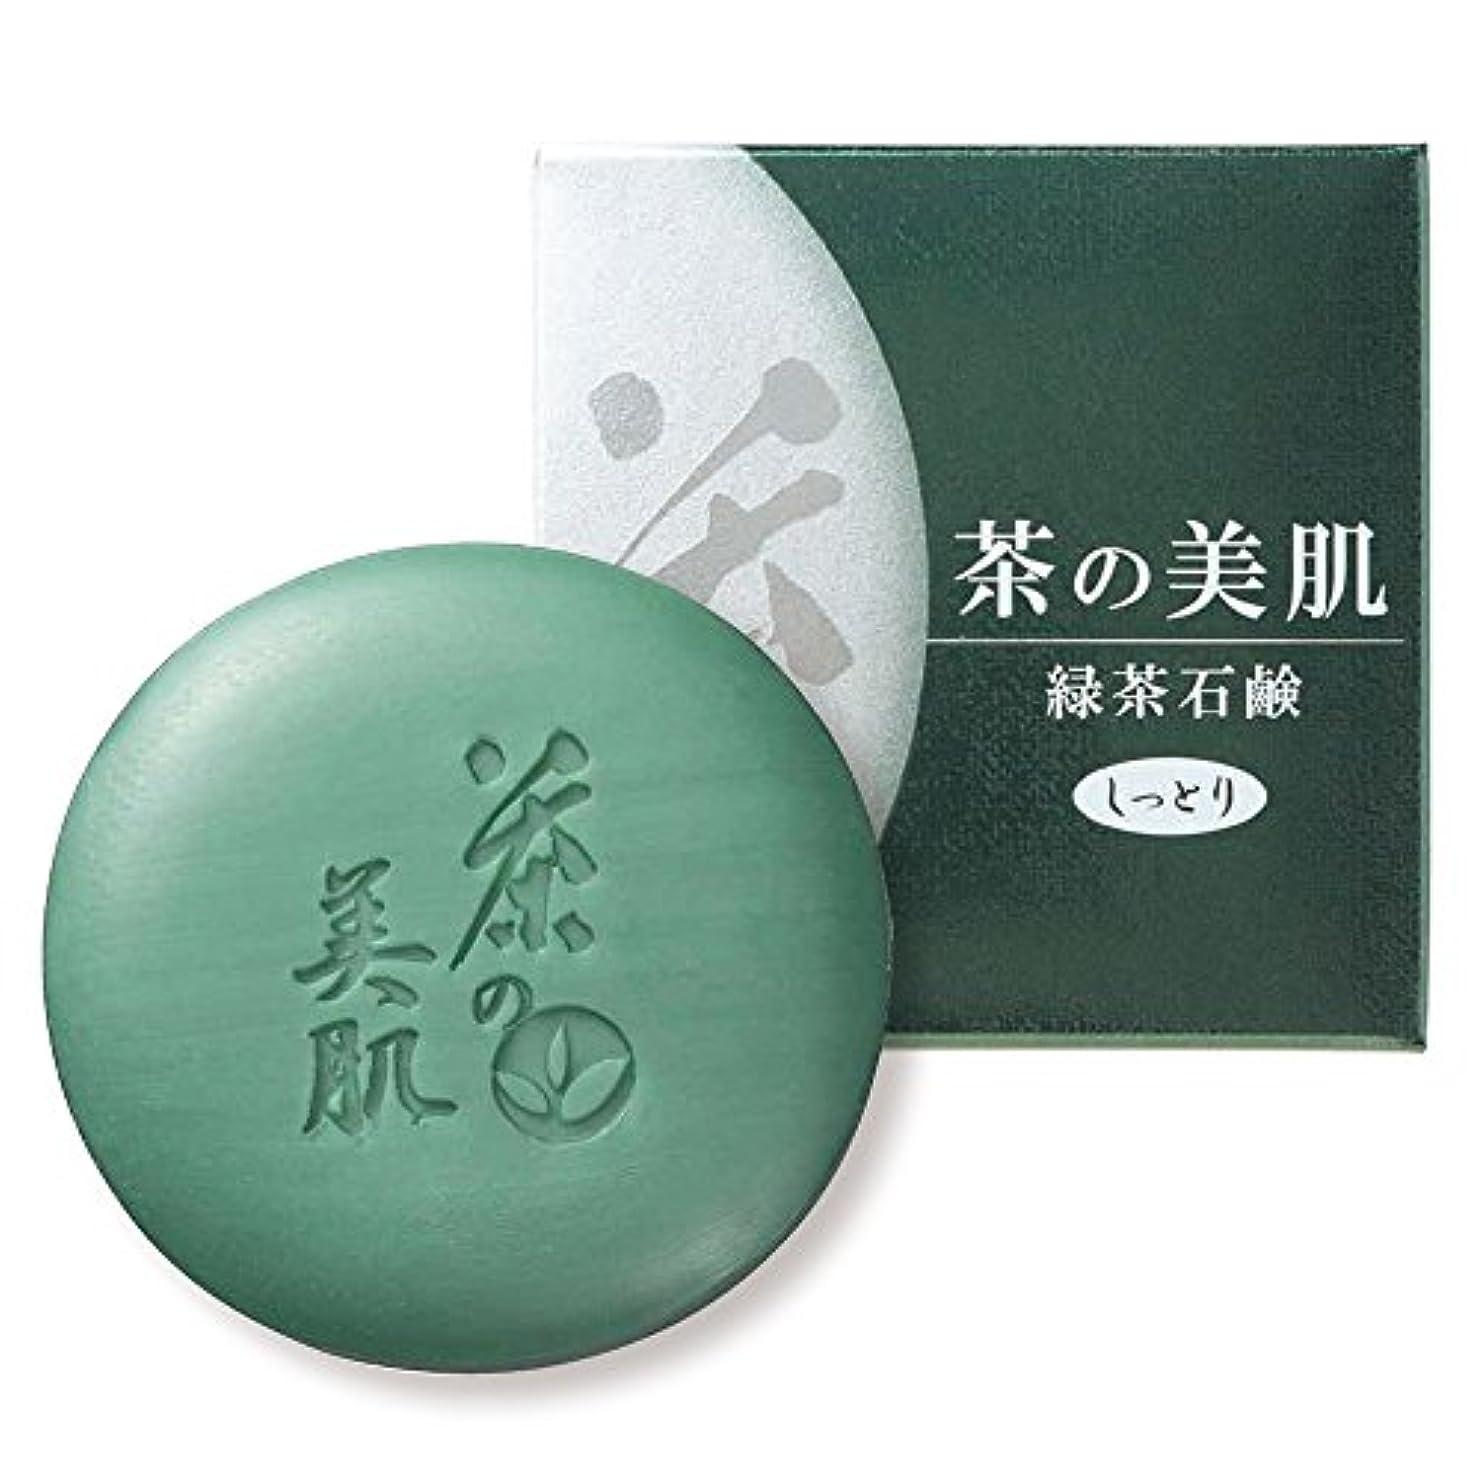 仕事静かに沿ってお茶村 洗顔 茶の美肌 緑茶 石鹸 65g